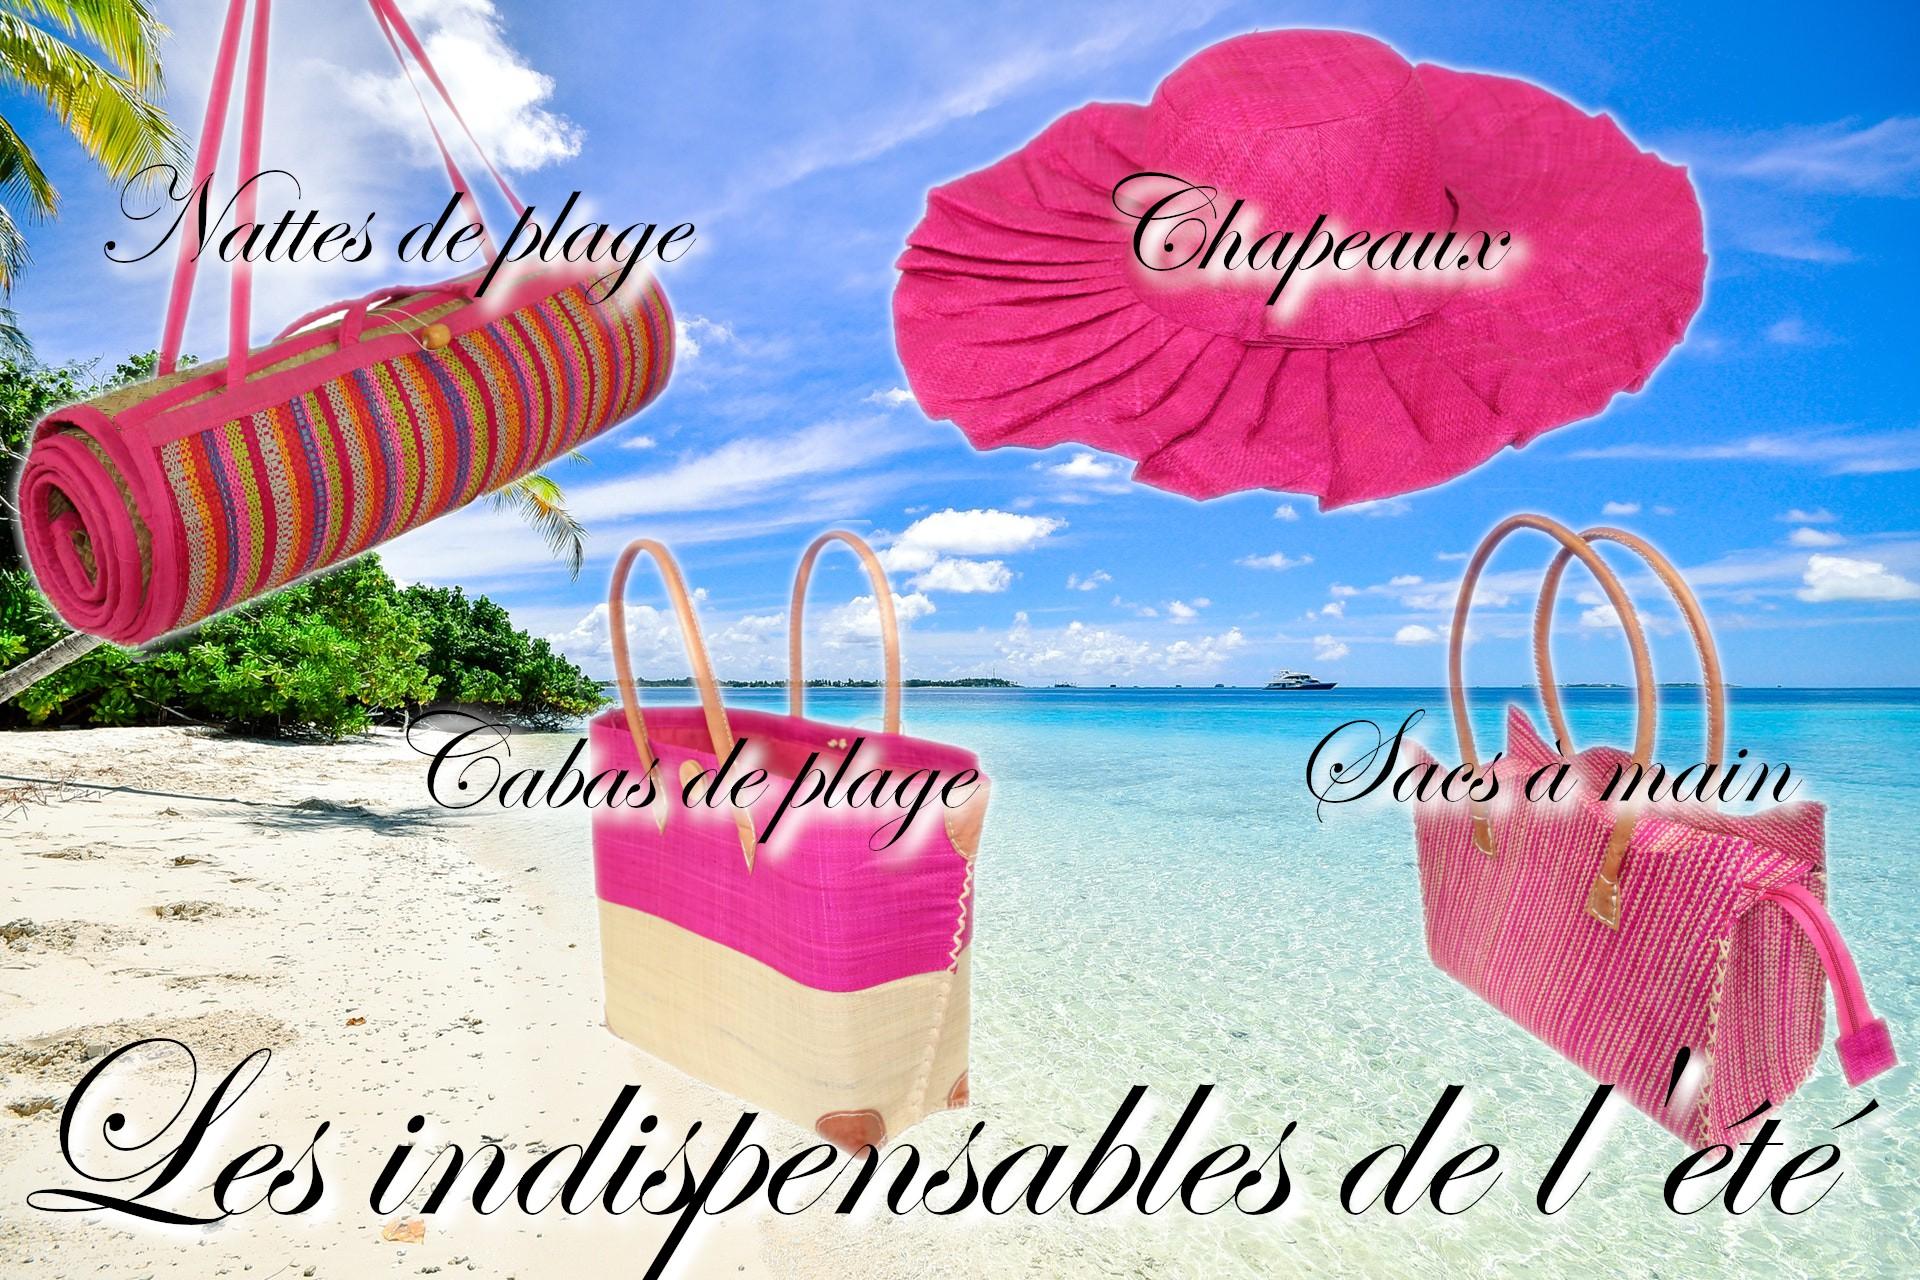 La Vannerie d'Aujourd'hui - Sacs, Cabas, Chapeaux, Nattes de plage